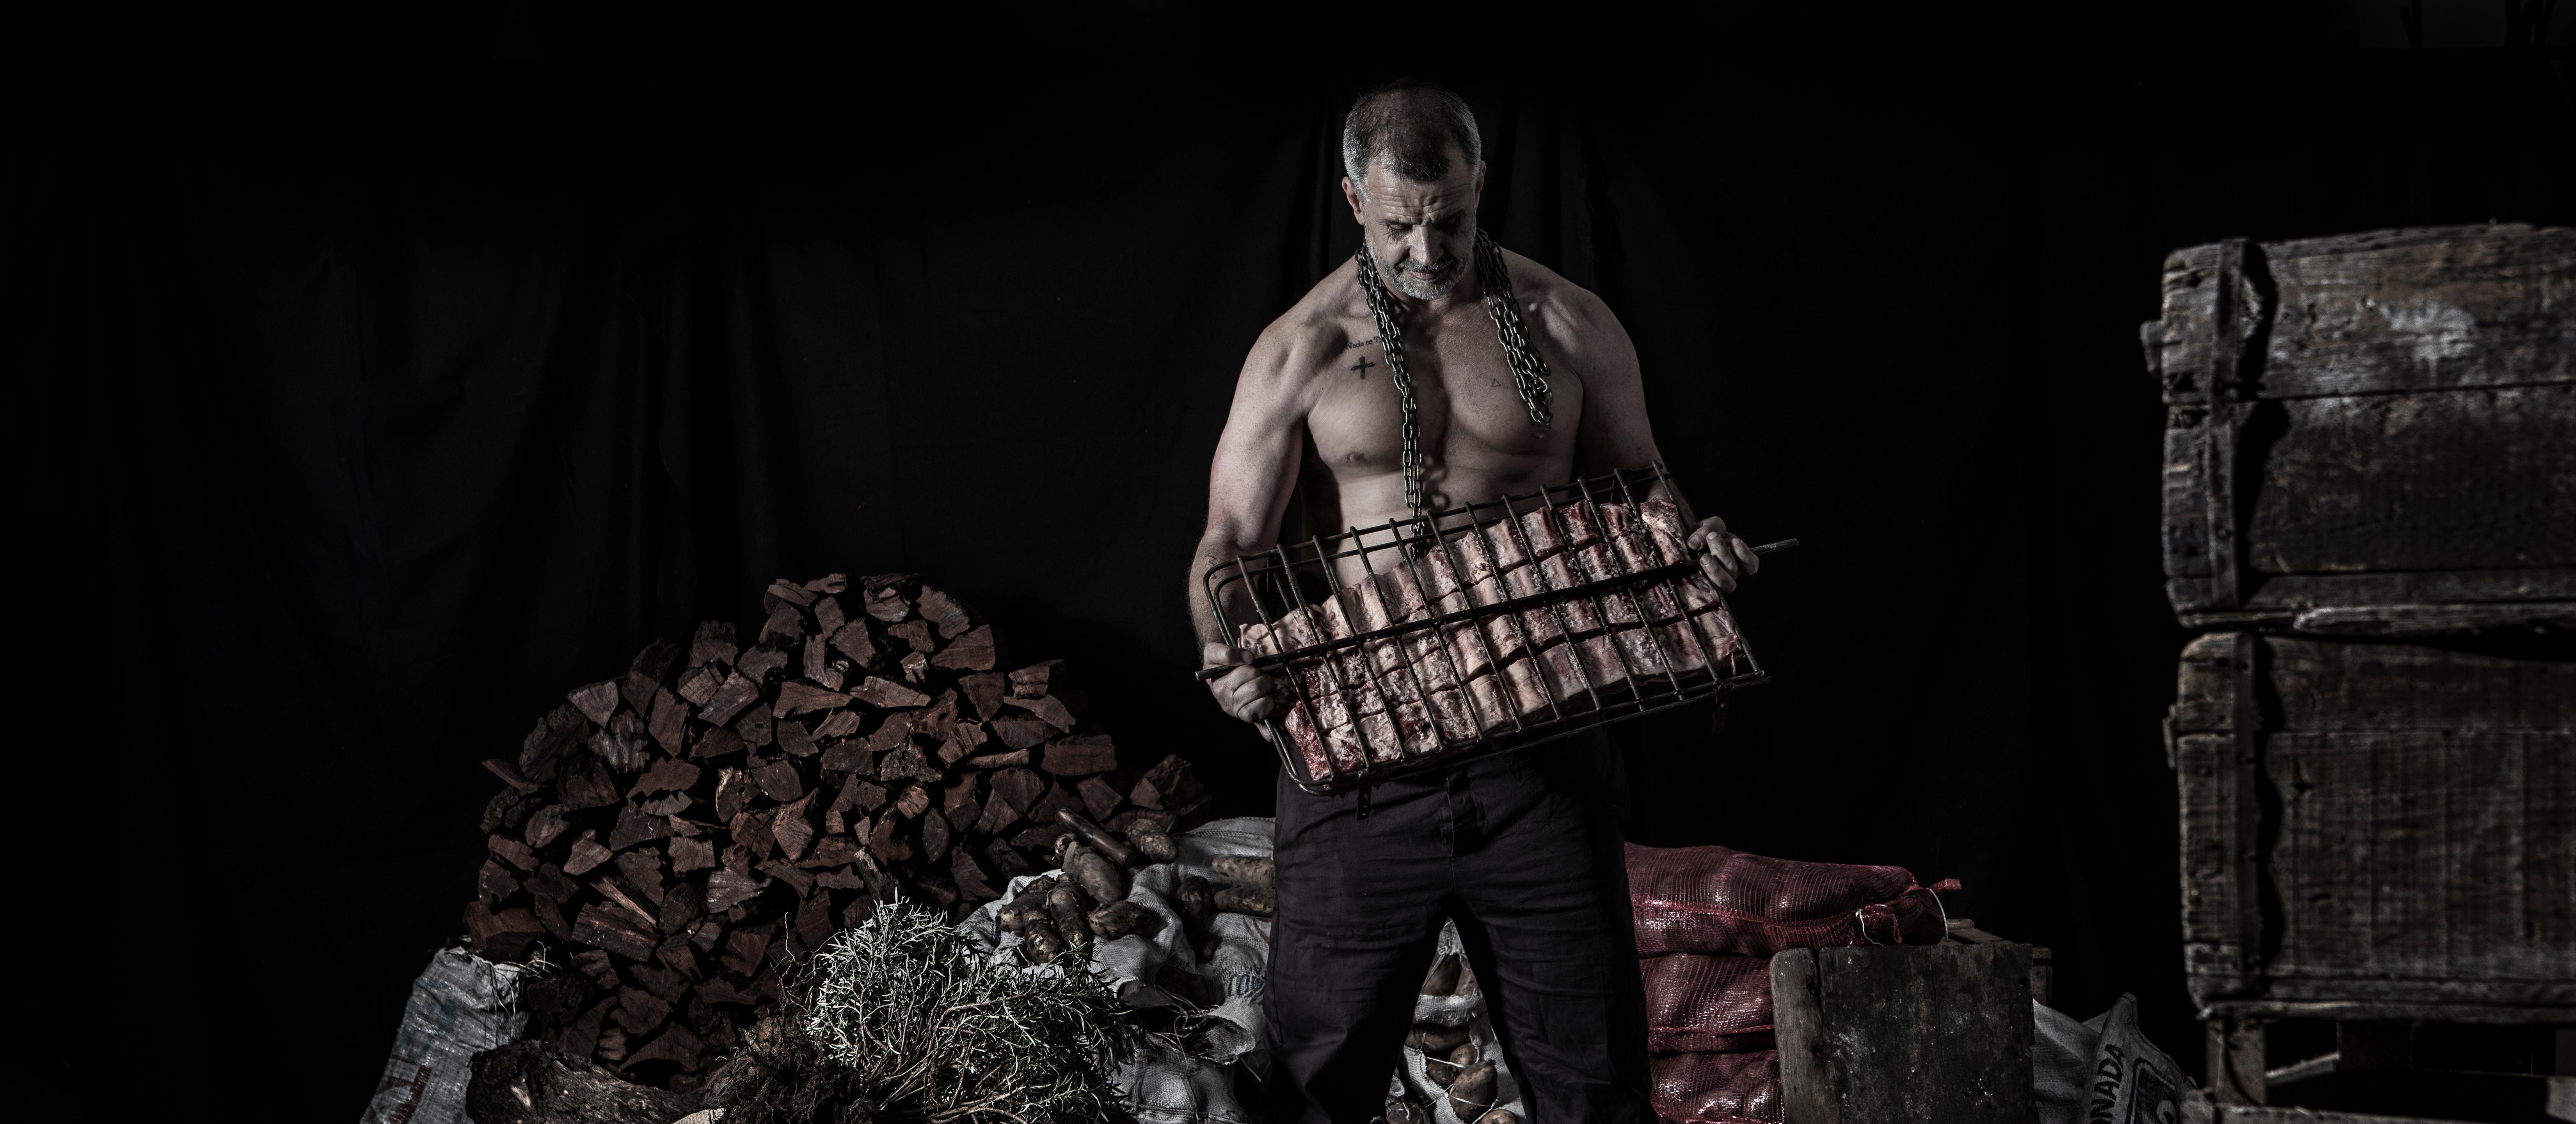 Los chefs más famosos del país muestran su costado hot en un calendario